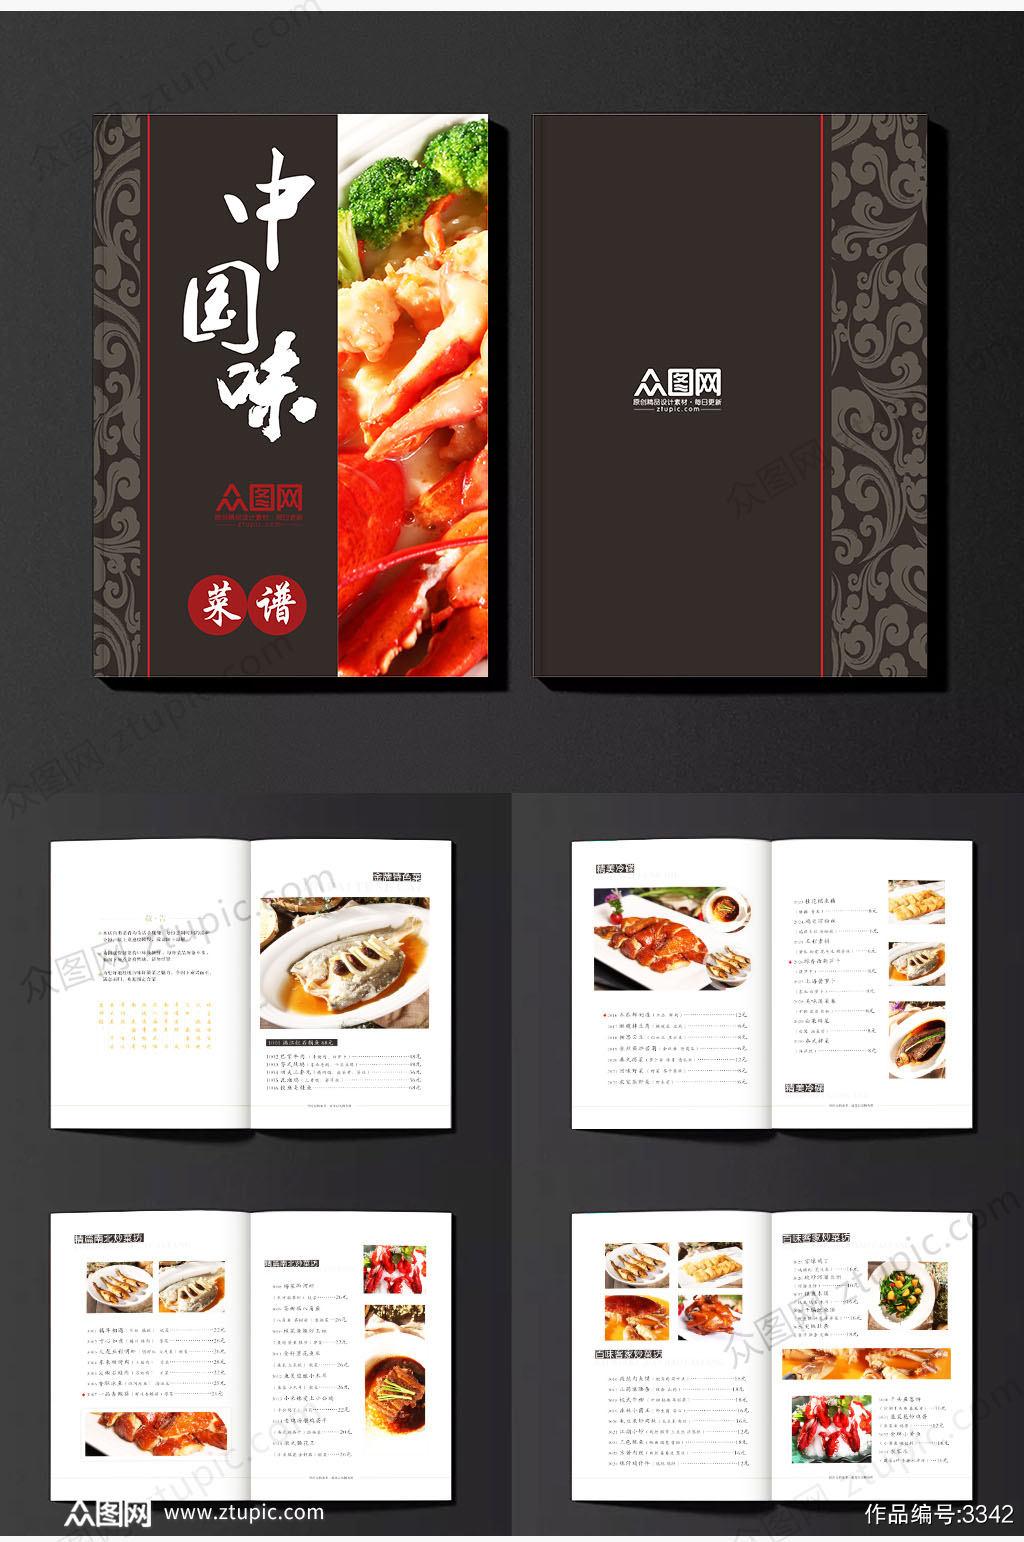 美食精选宣传画册素材